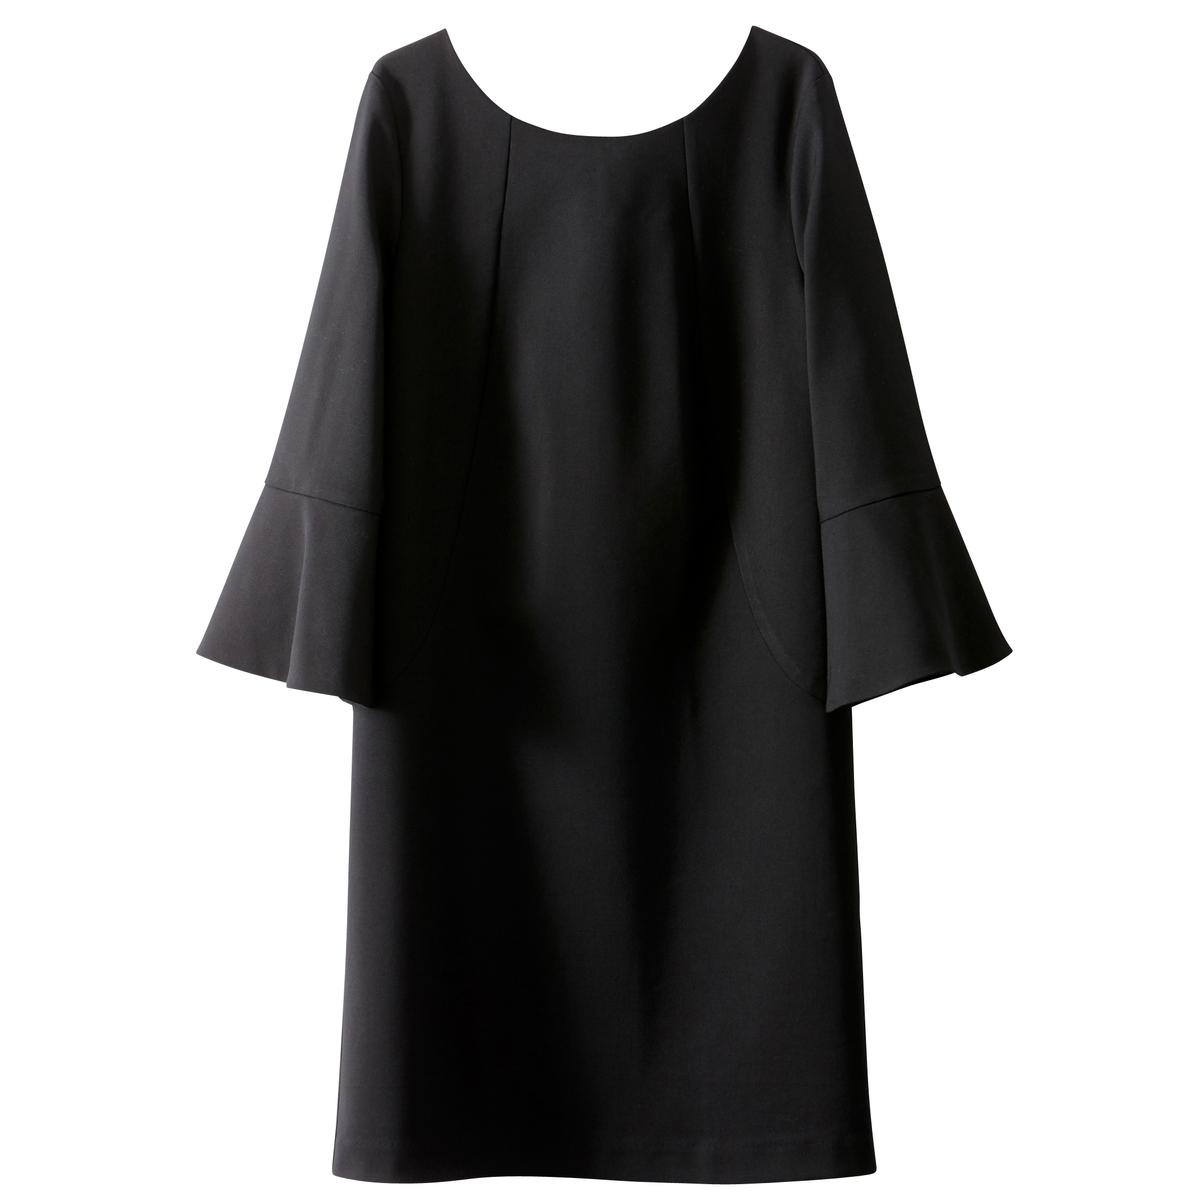 Платье прямое с оригинальной спинкой и воланамиДетали •  Форма : прямая •  Укороченная модель •  Длинные рукава    •  Круглый вырезСостав и уход •  51% хлопка, 4% эластана, 45% полиэстера •  Подкладка : 100% хлопок •  Температура стирки при 30° на деликатном режиме   •  Сухая чистка и отбеливание запрещены • Барабанная сушка на деликатном режиме   •  Низкая температура глажки •  Длина  : 88 см<br><br>Цвет: красный карминный,черный<br>Размер: 38 (FR) - 44 (RUS).44 (FR) - 50 (RUS)